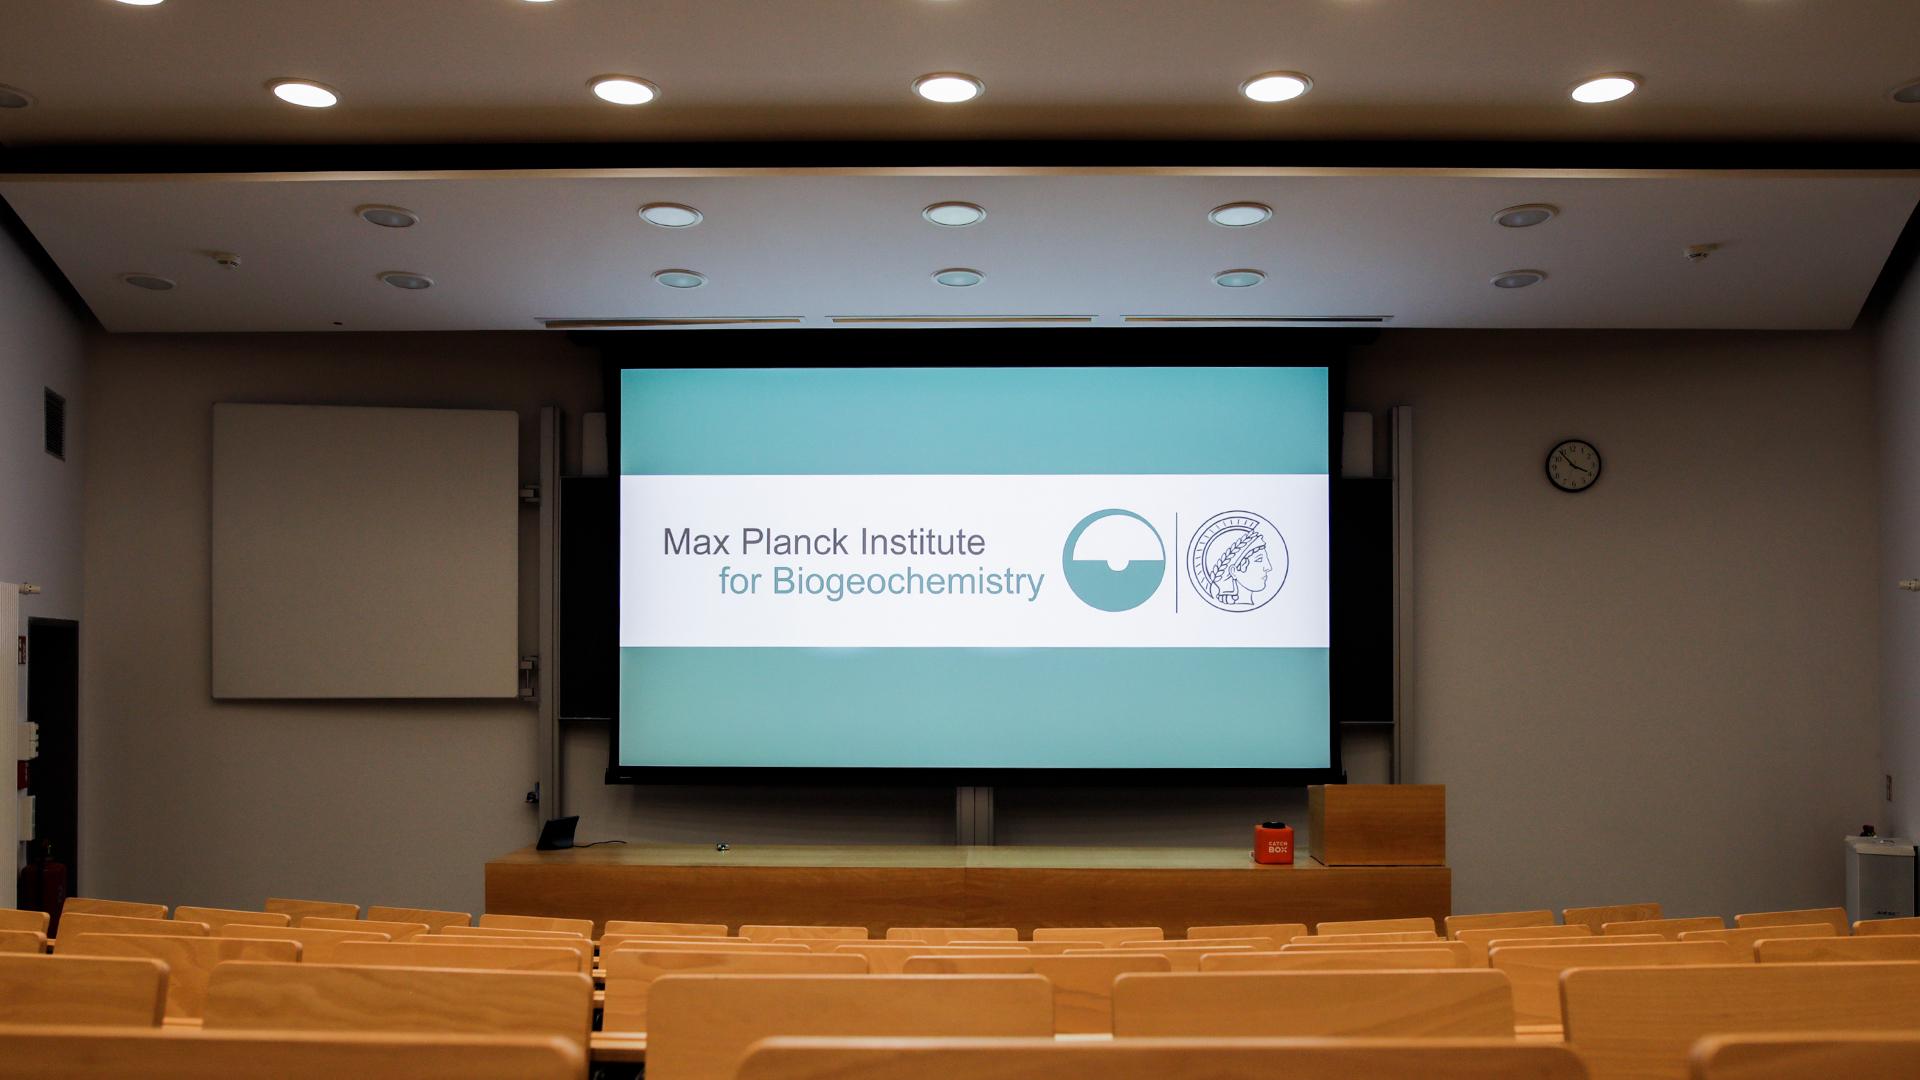 Große Leinwand im Hörsaal in Max-Planck Institut für Biogeochemie in Jena